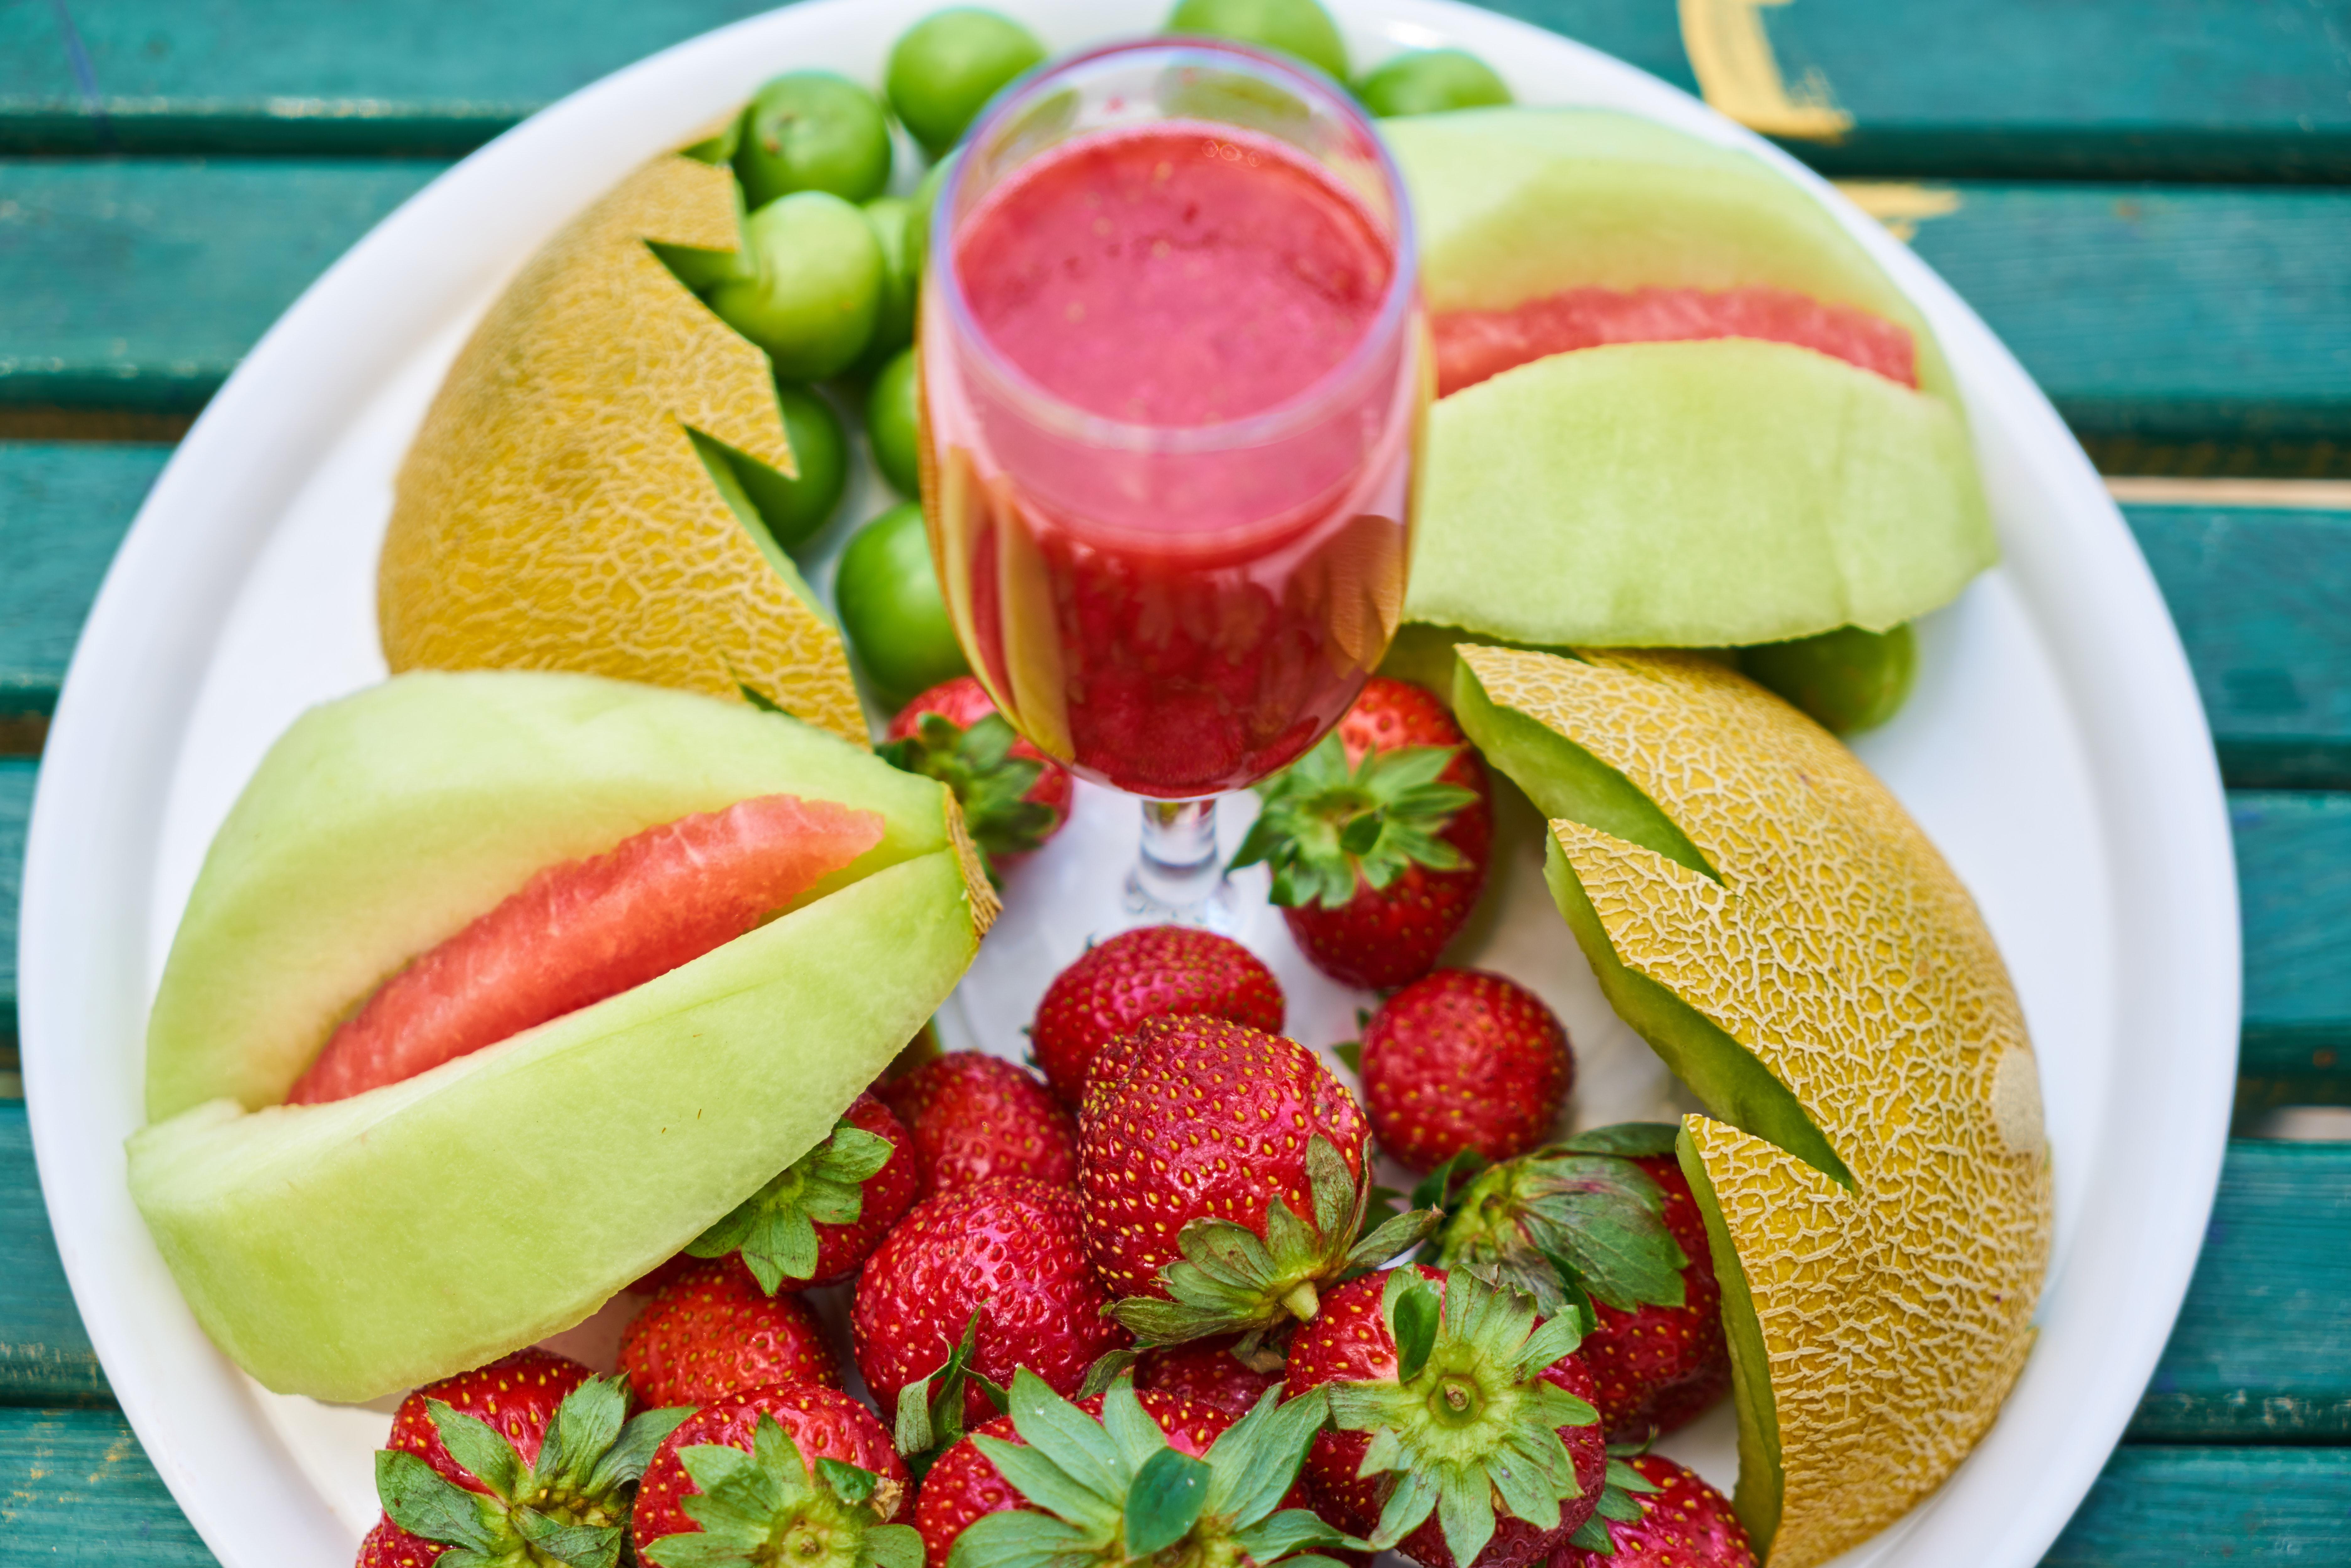 Si tomas mucho jugo de frutas corres riesgo de desarrollar diabetes tipo 2: estudio